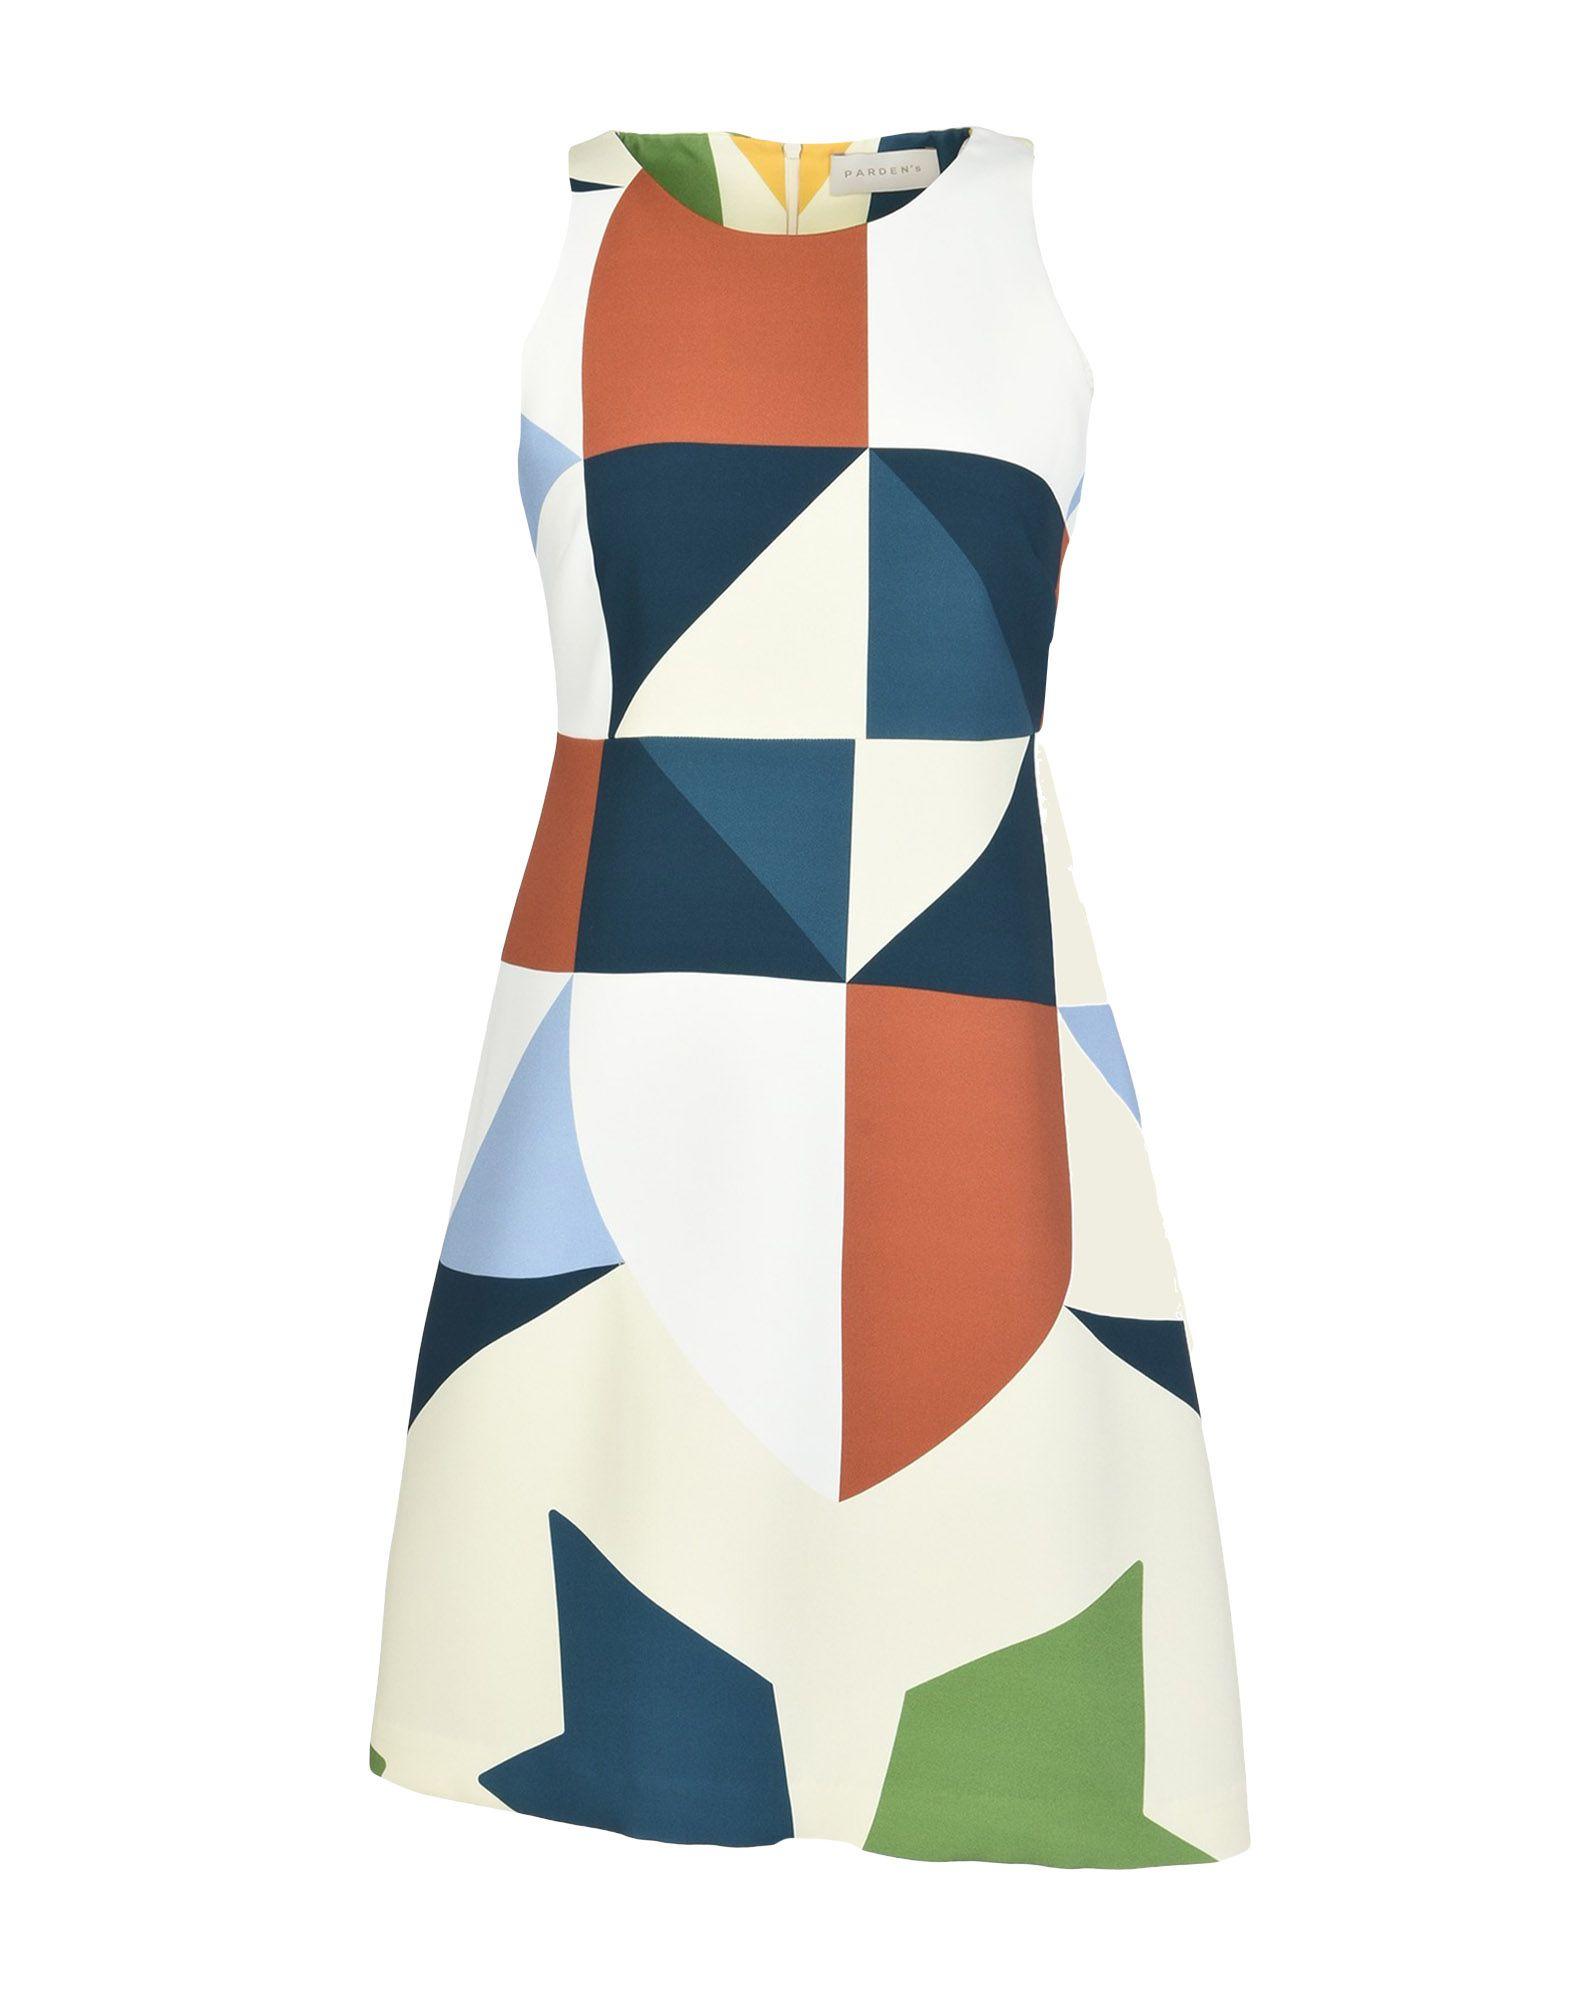 PARDEN'S Short Dress in Blue